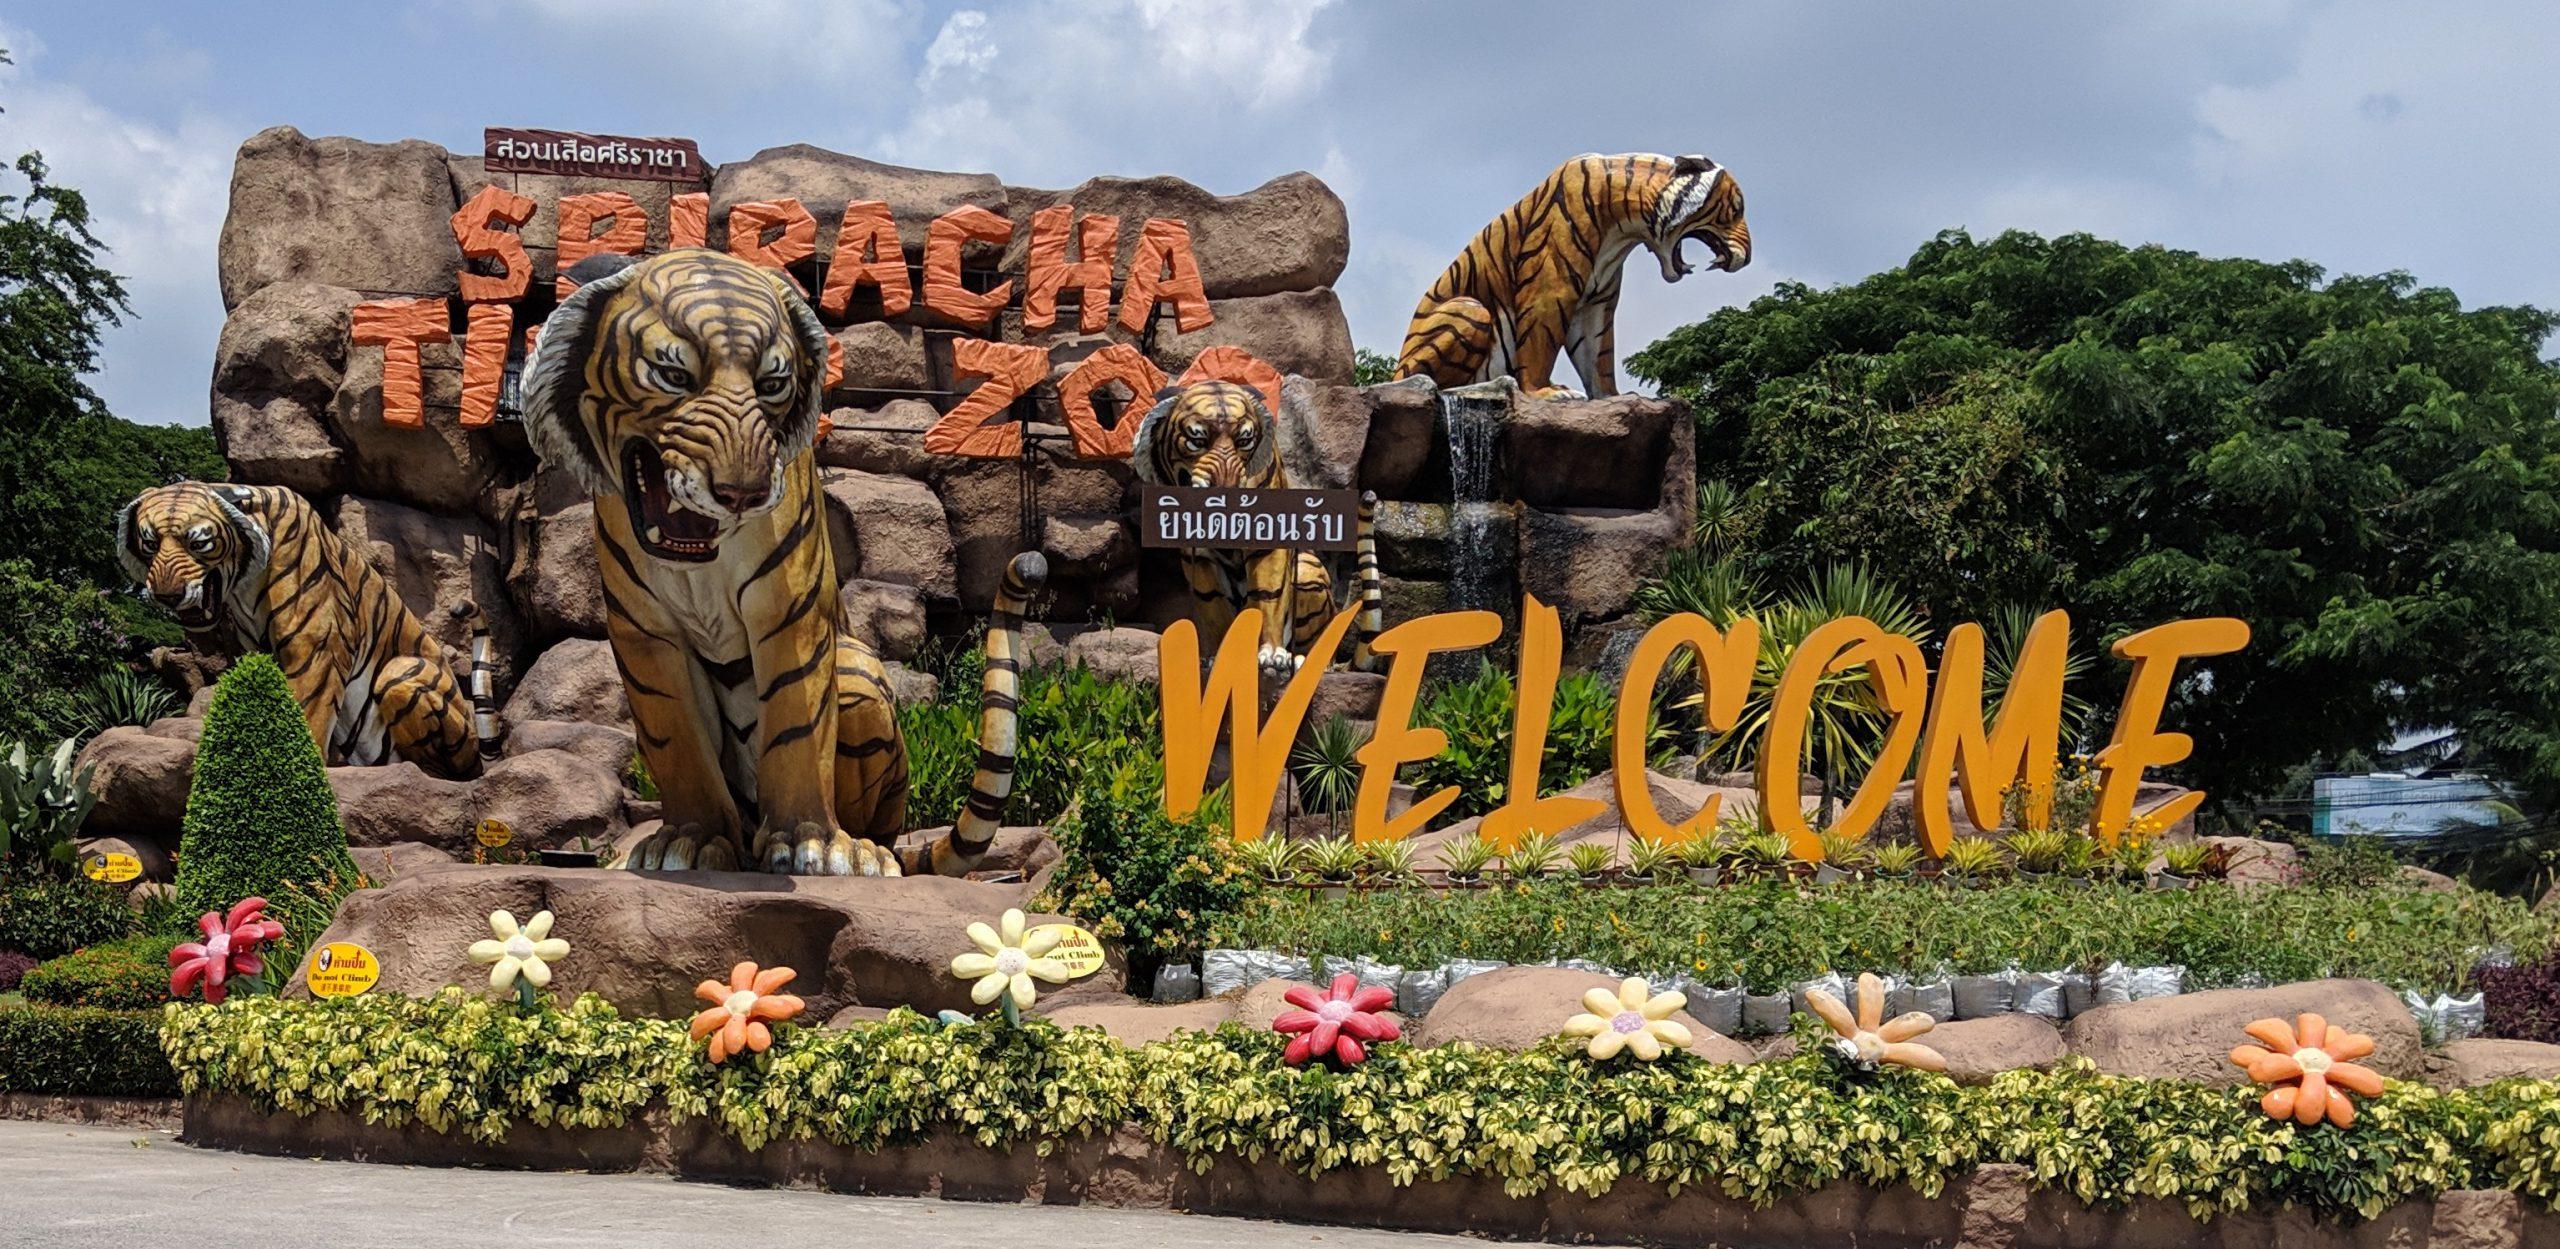 【バンコク・パタヤ】虎と触れ合える楽園!シーラチャータイガーズーの予算と行き方を画像で紹介